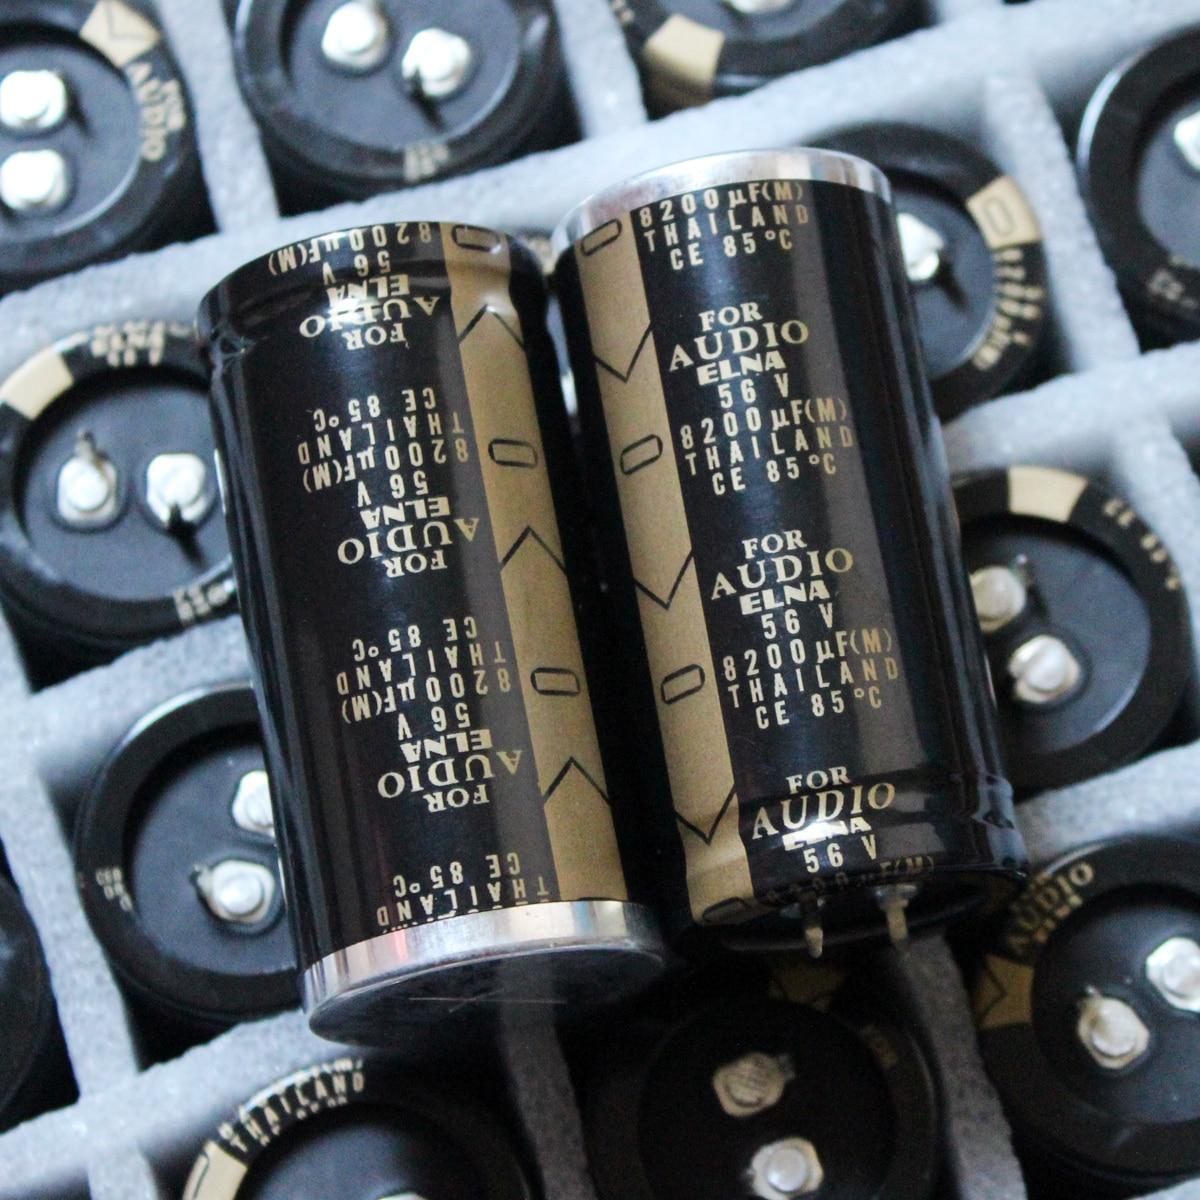 2 шт. Оригинальный Новый ELNA для аудио 56V8200UF аудио-электролитический конденсатор с алюминиевой крышкой, 8200 мкФ 56в 30X63 мм LAO-56V822MS49WP